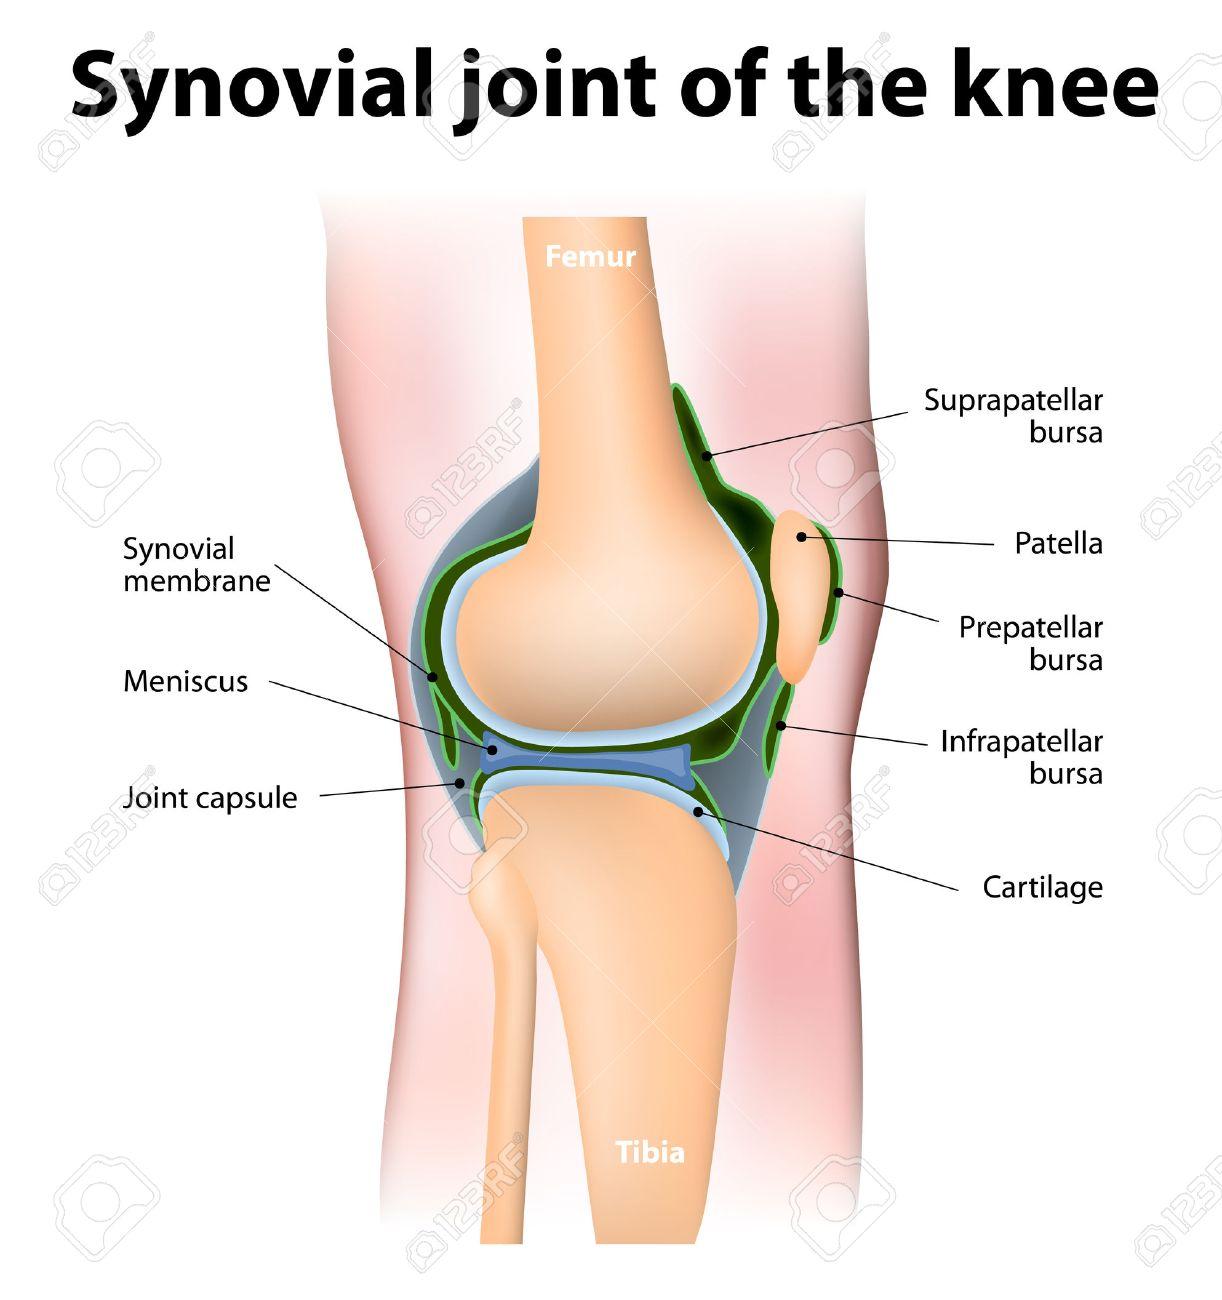 que es el liquido sinovial de la rodilla